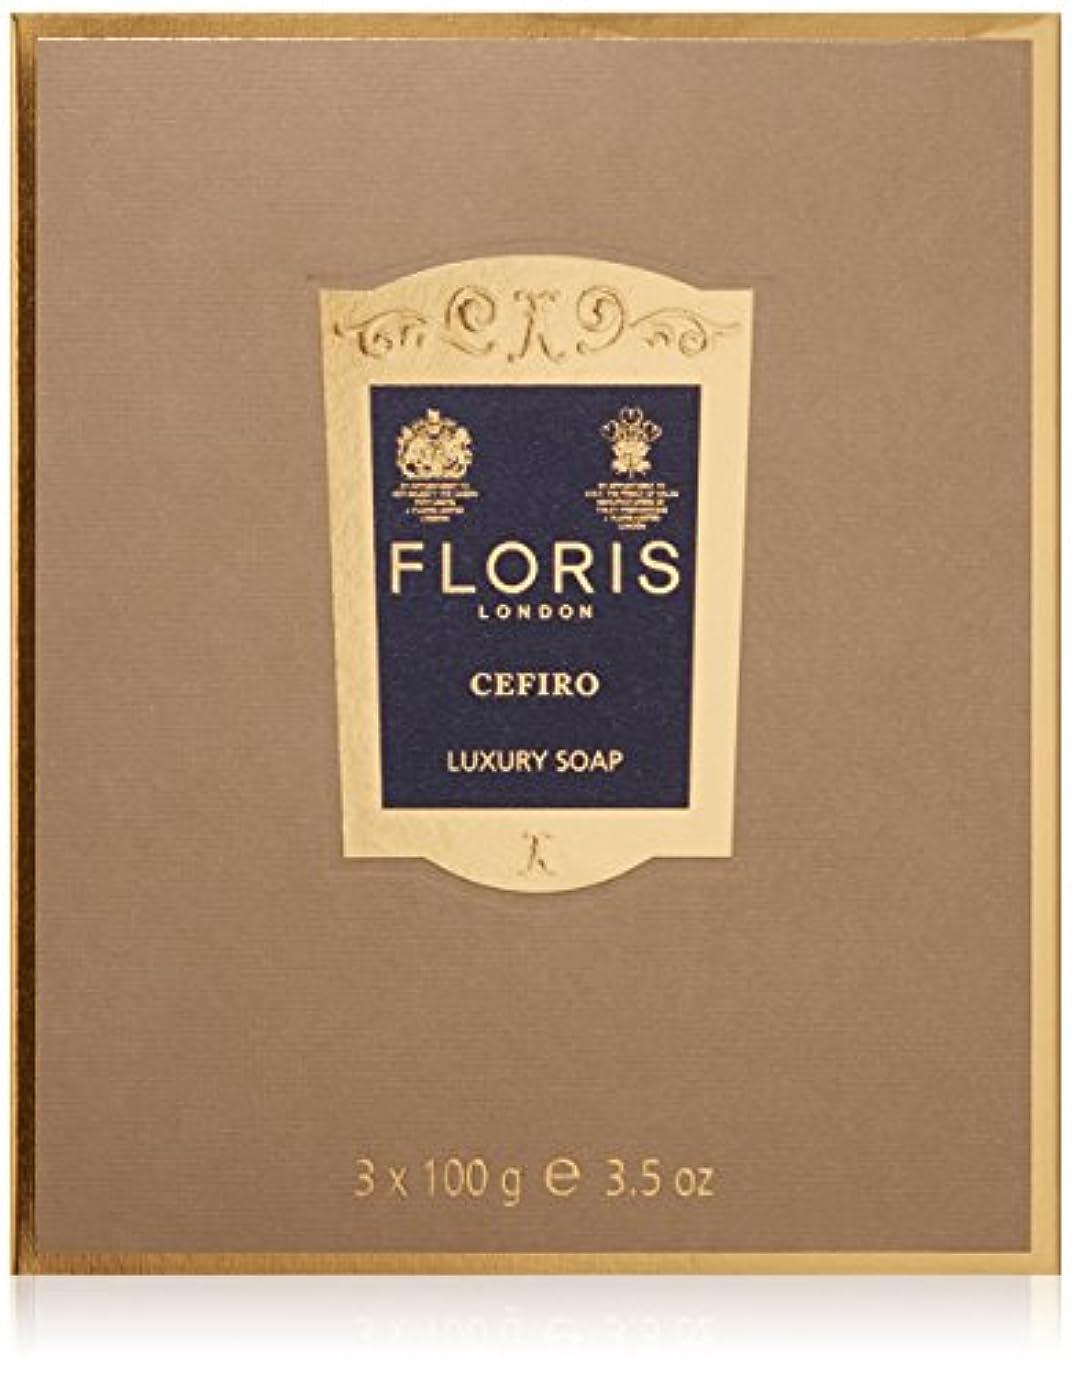 わなさらになかなかフローリス ラグジュアリーソープCF(セフィーロ) 3x100g/3.5oz